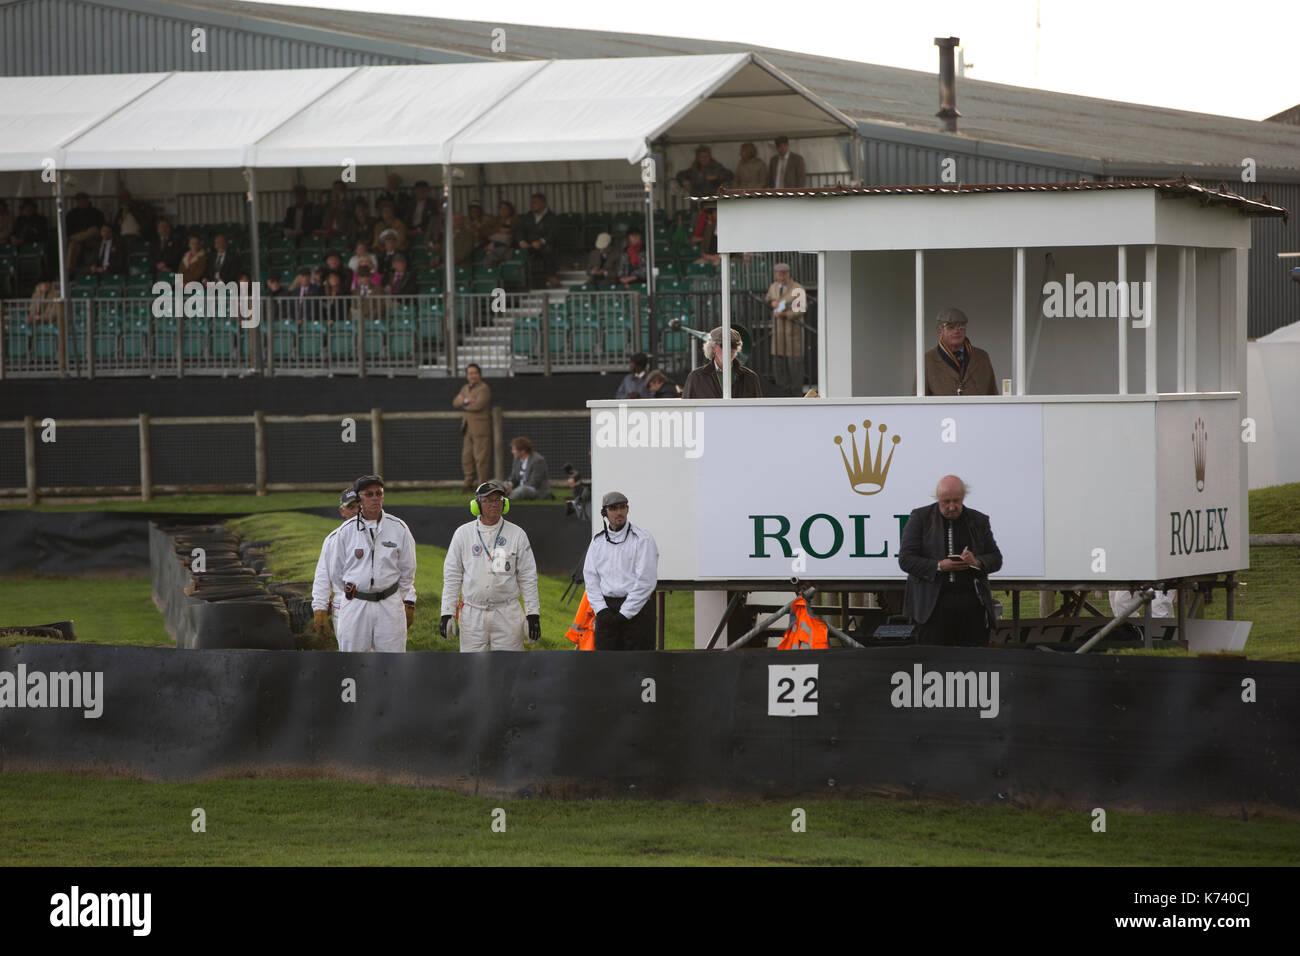 Freddie März Memorial Trophy Rennen in Goodwood Revival 2017 Konferenz, Goodwood Rennstrecke, von der britischen Automobile Racing Club, England, UK organisiert Stockbild